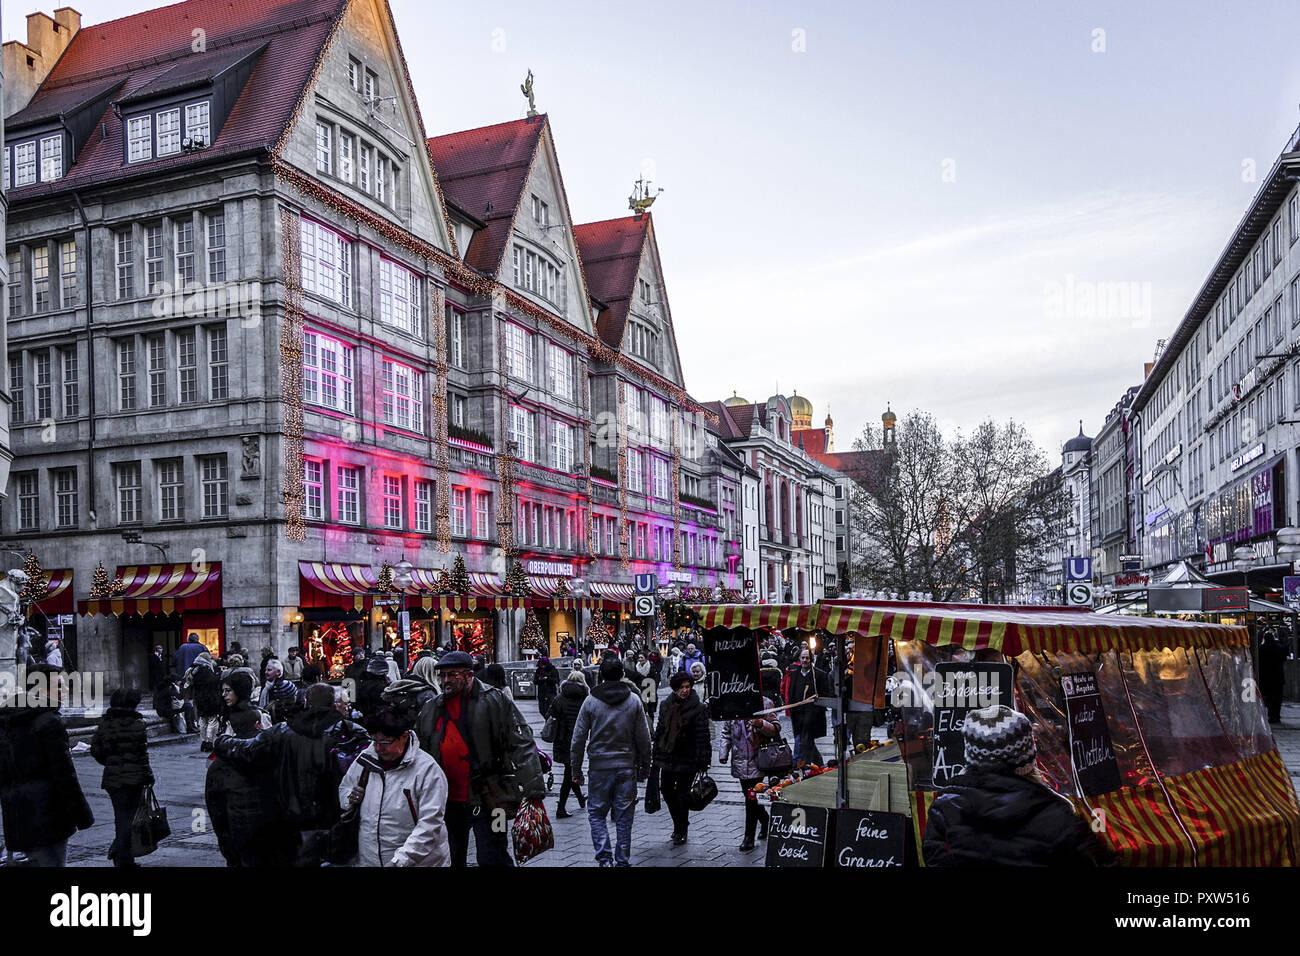 Weihnachtseinkäufe, bunt beleuchtete Fassade des Kaufhauses Oberpollinger in der Neuhauserstrasse in München, Christmas shopping, colorful illuminated - Stock Image